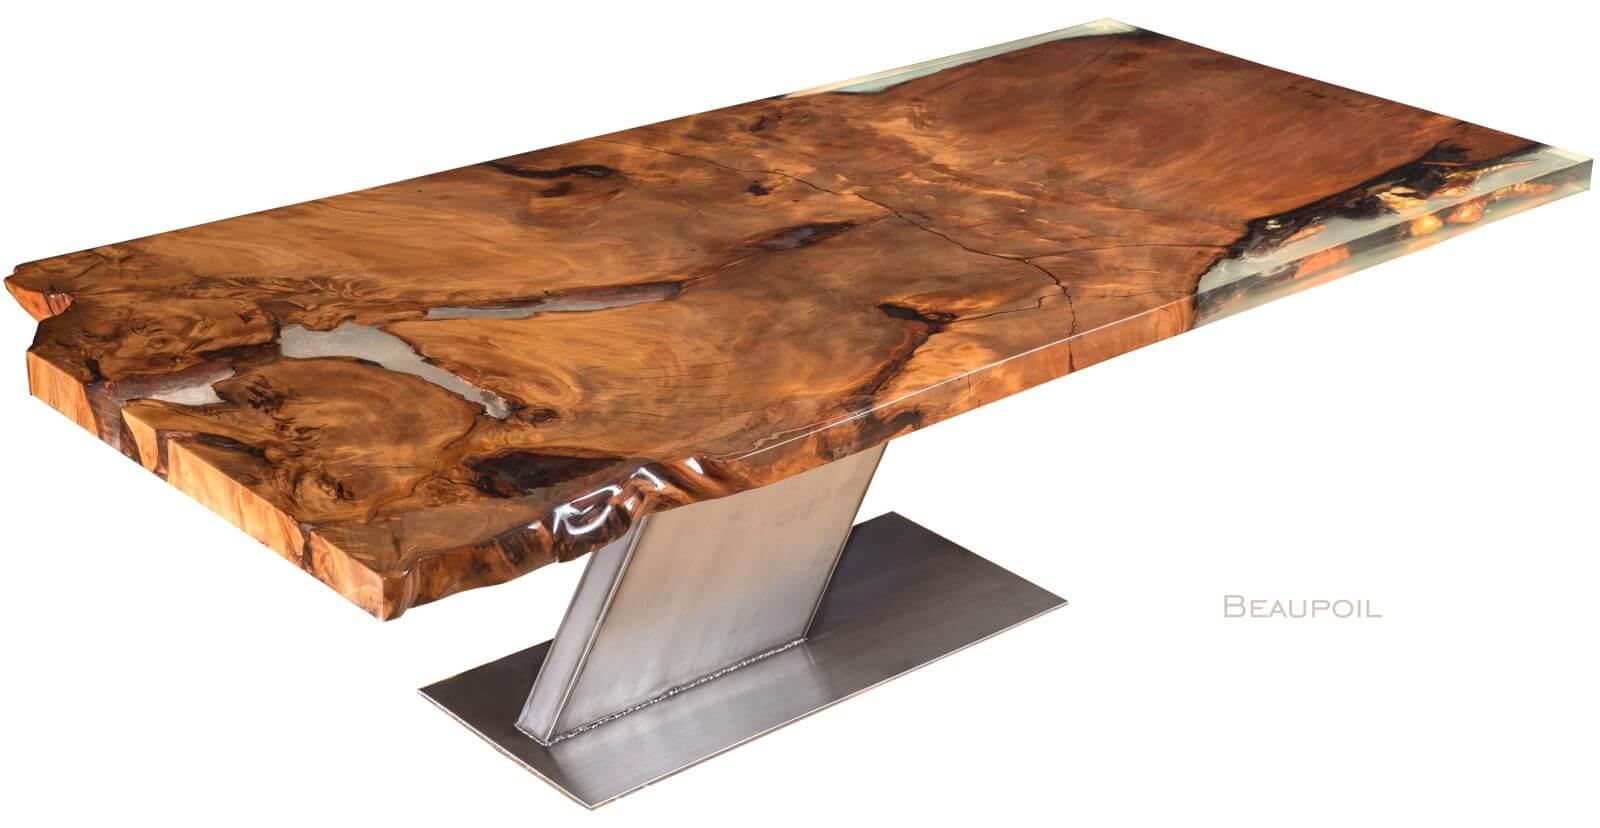 Exklusiver Massivholztisch und ein einzigartiges Möbelunikat von Michael Beaupoil handgefertigt, Kunstwerk Naturholztisch und individueller Holztisch